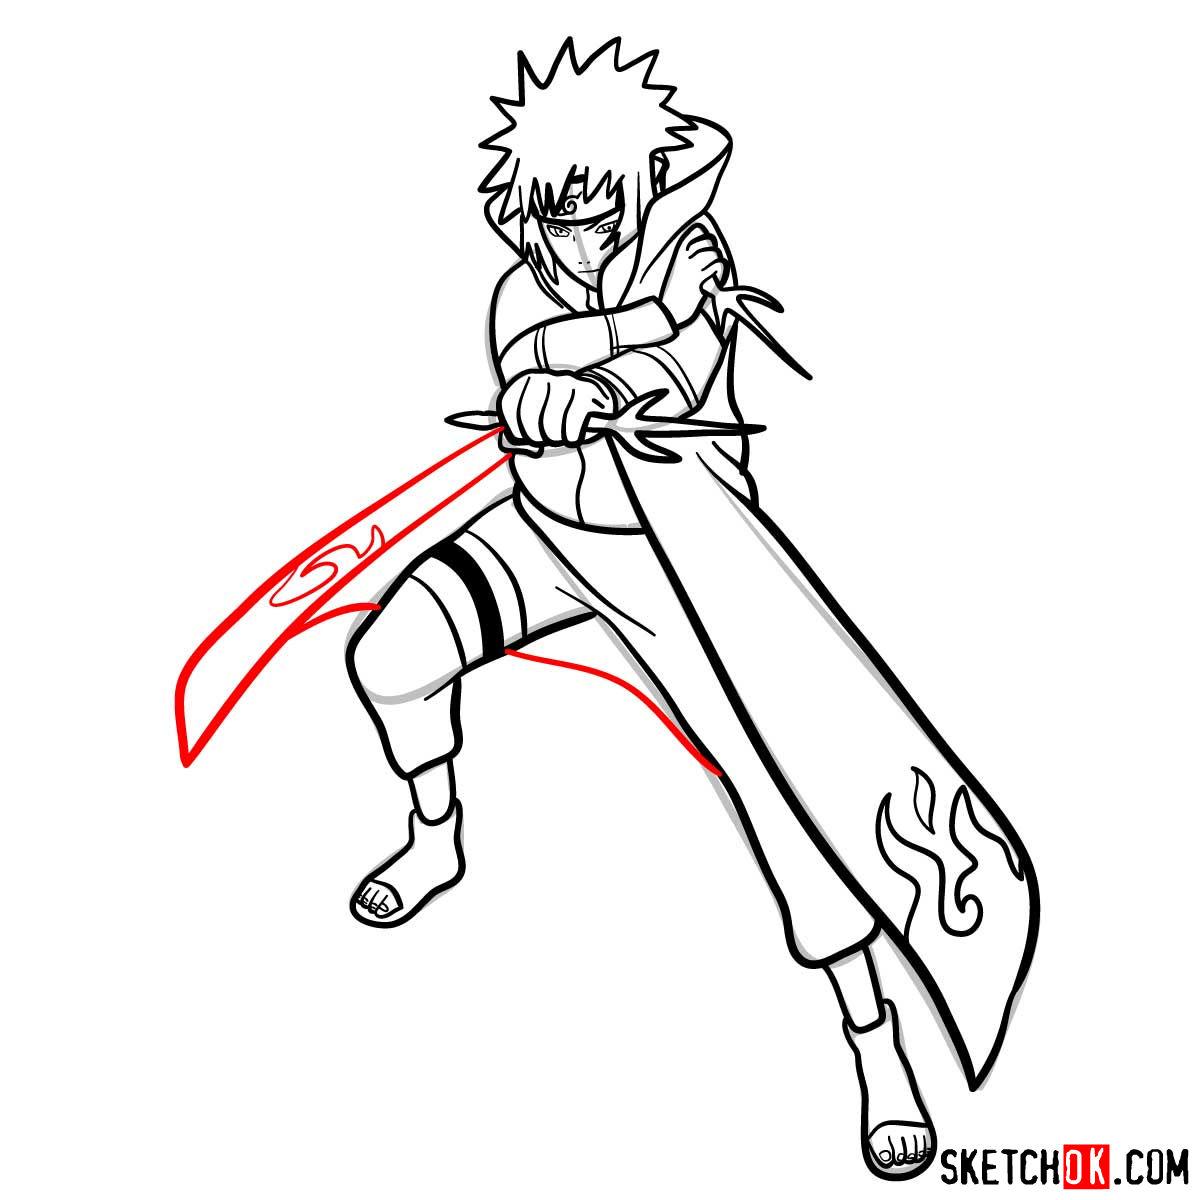 How to draw Minato Namikaze from Naruto anime - step 15